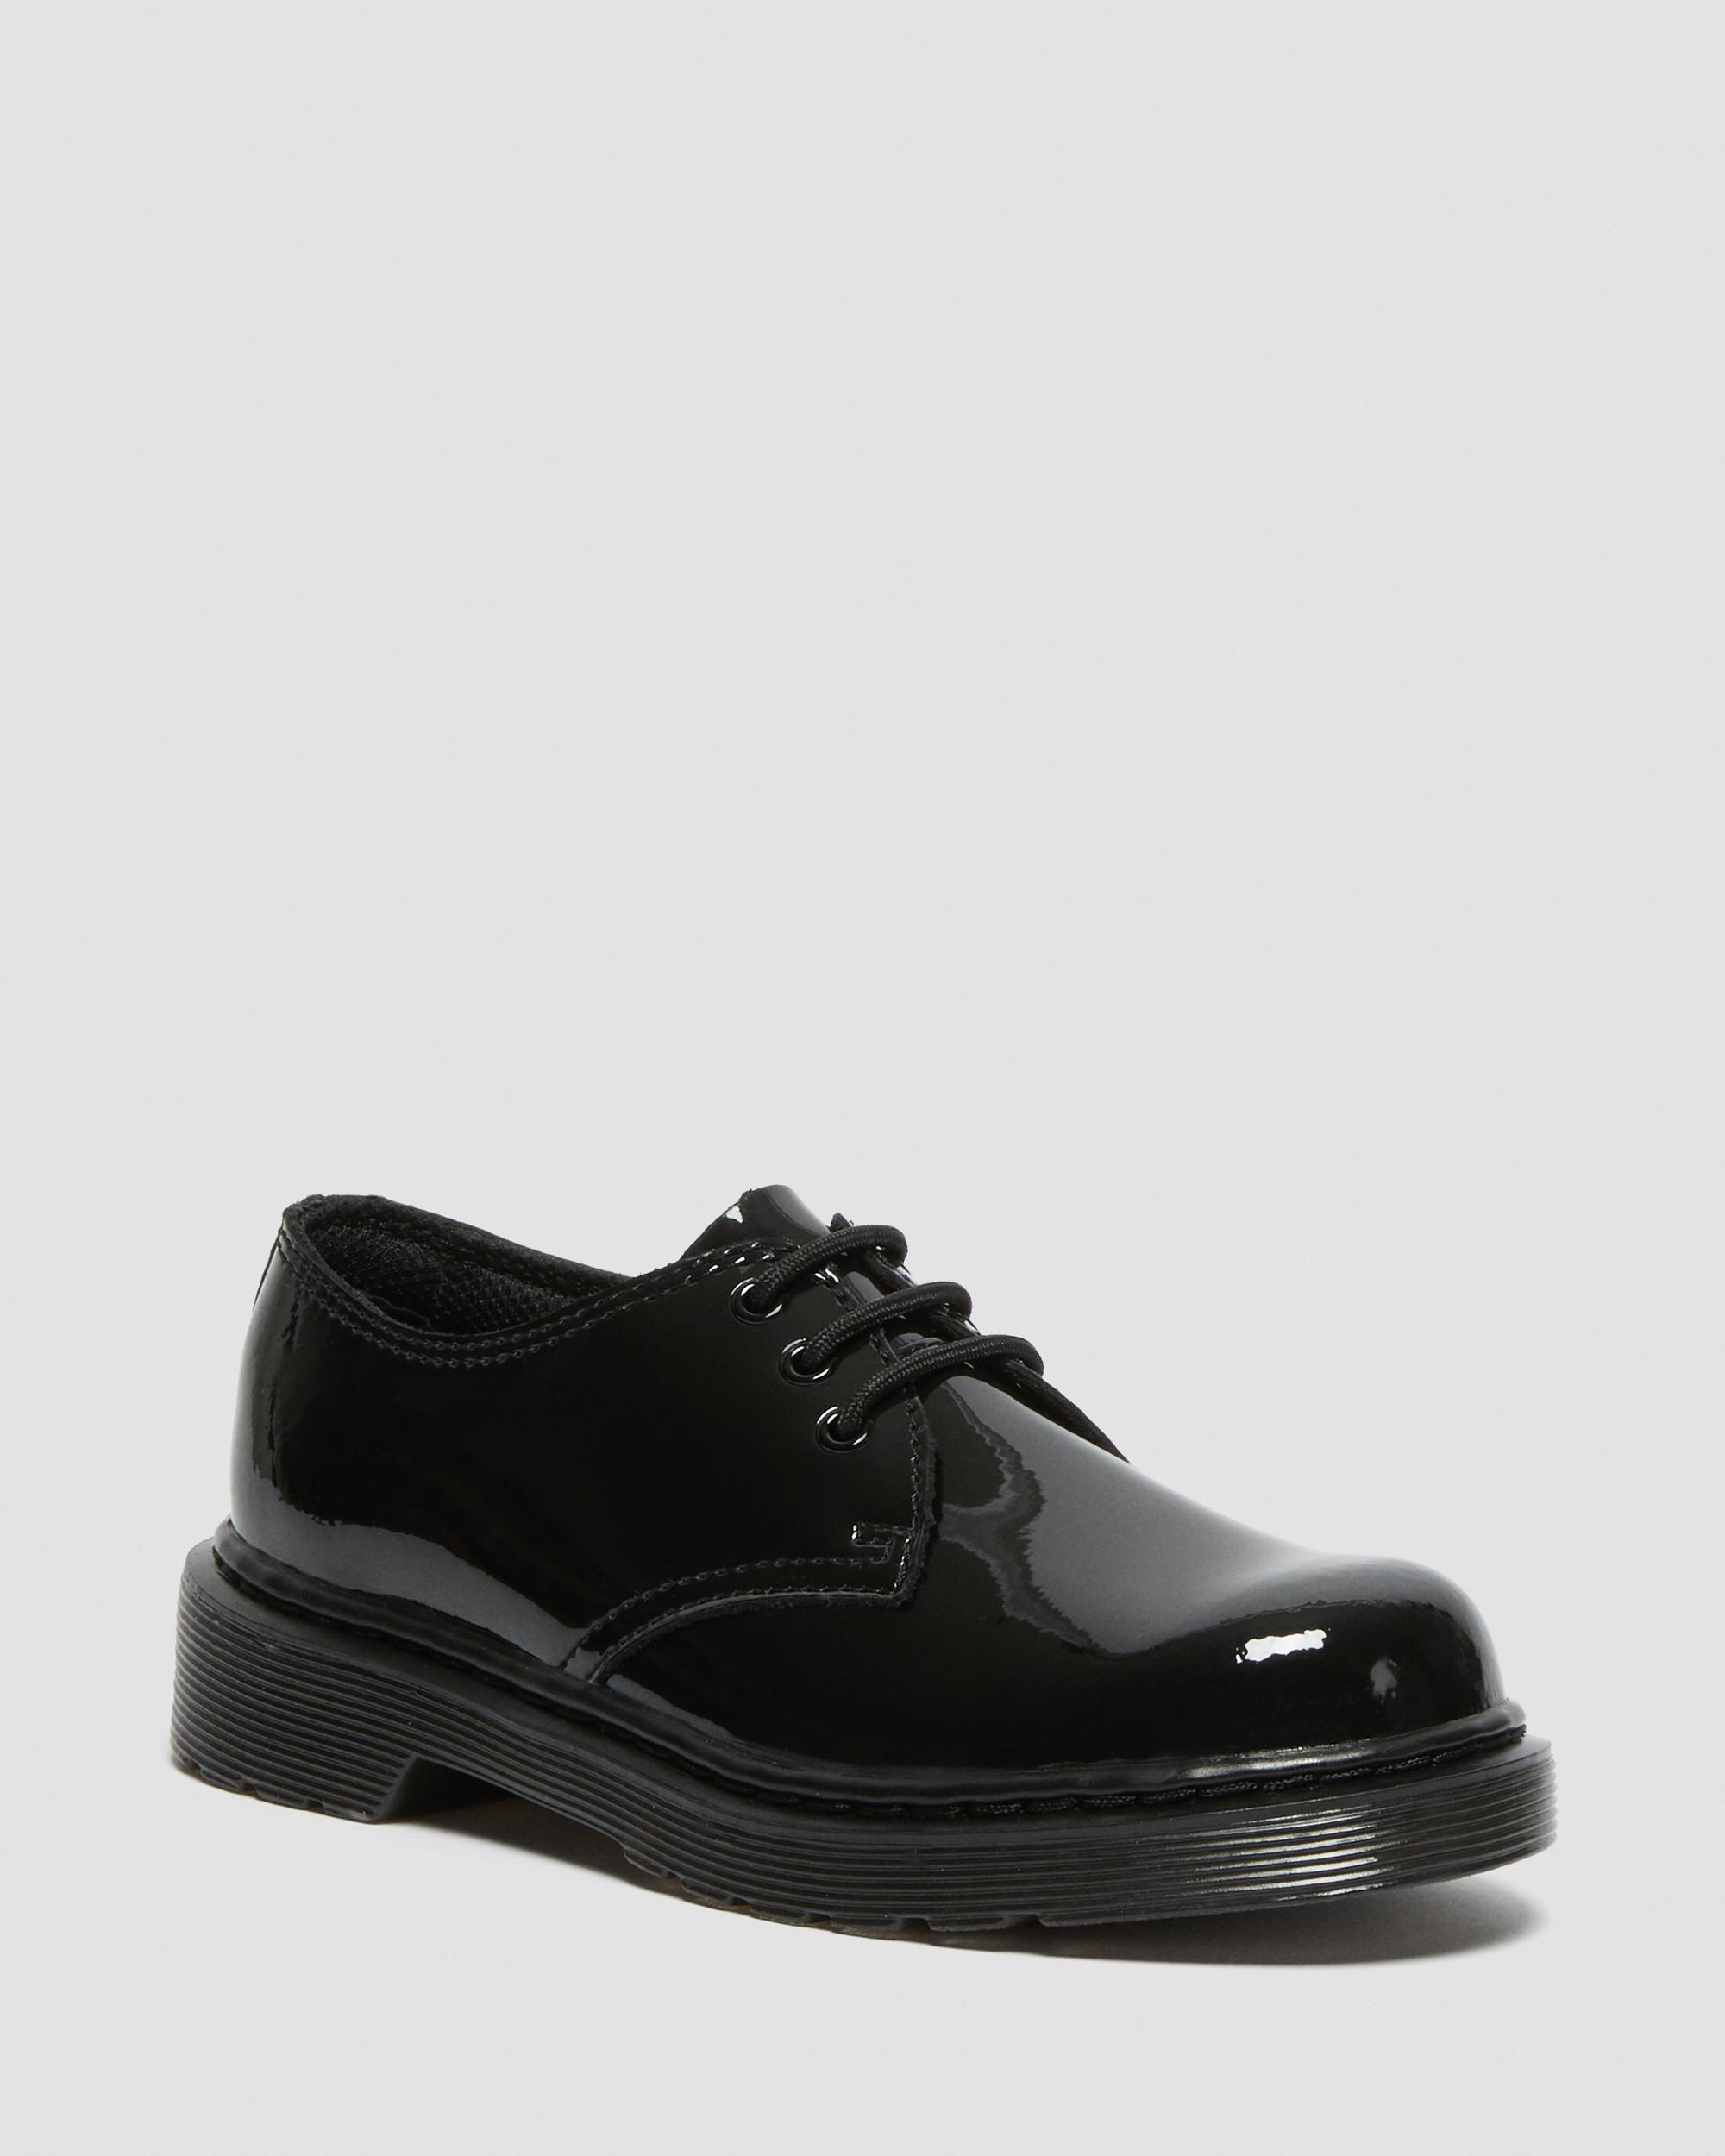 Calzature WOZ | sneakers, stivali, casual e molto altre le